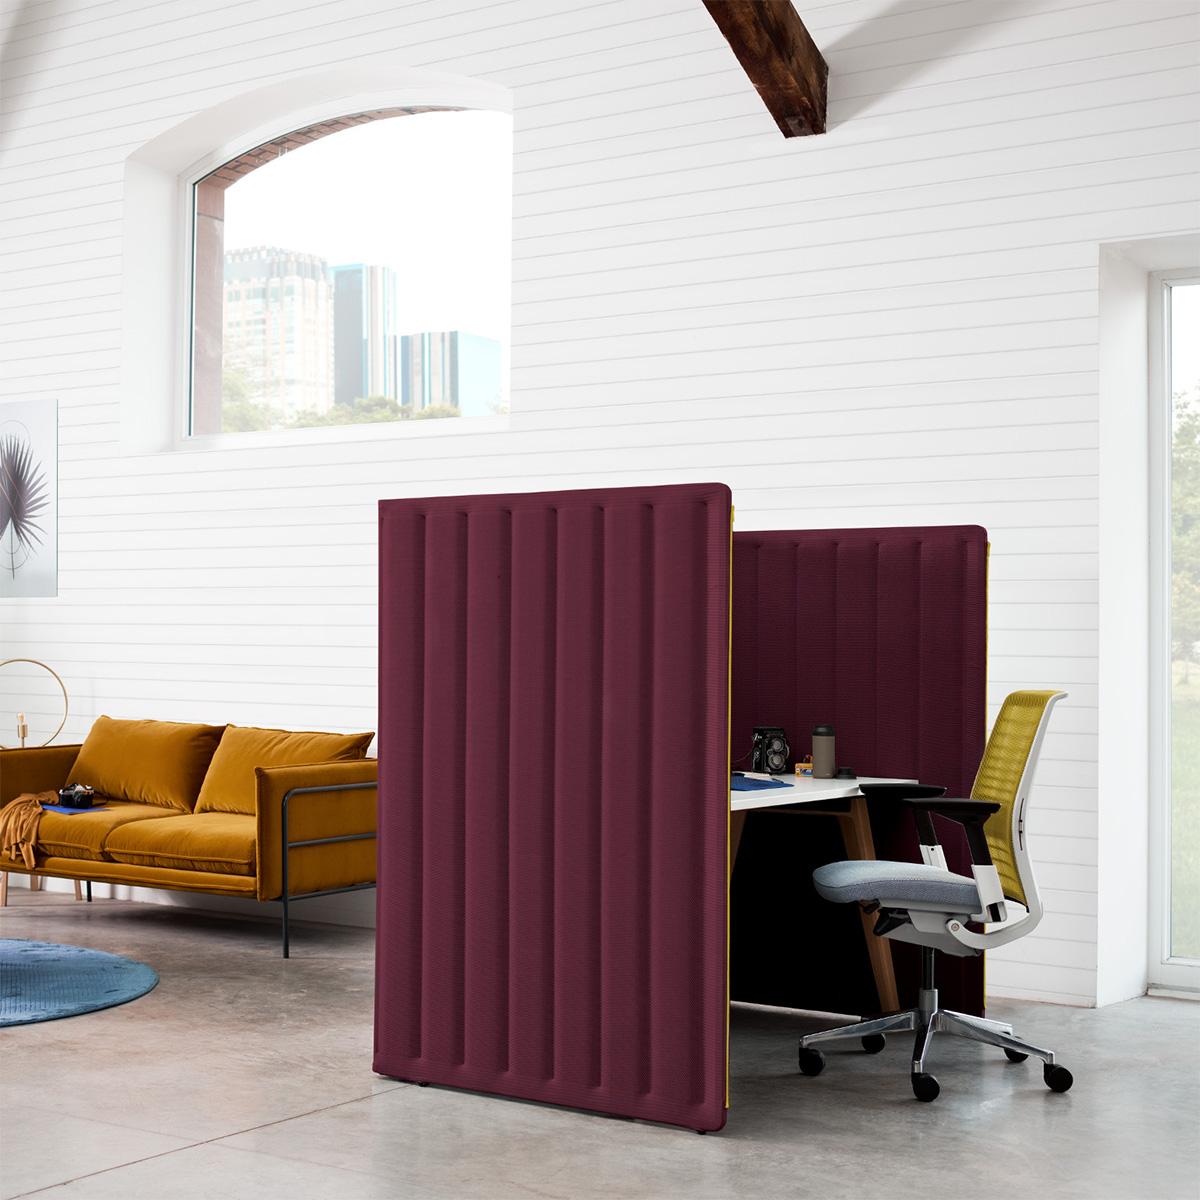 Steelcase THINK ergonomischer Arbeitsstuhl mit Netzrücken